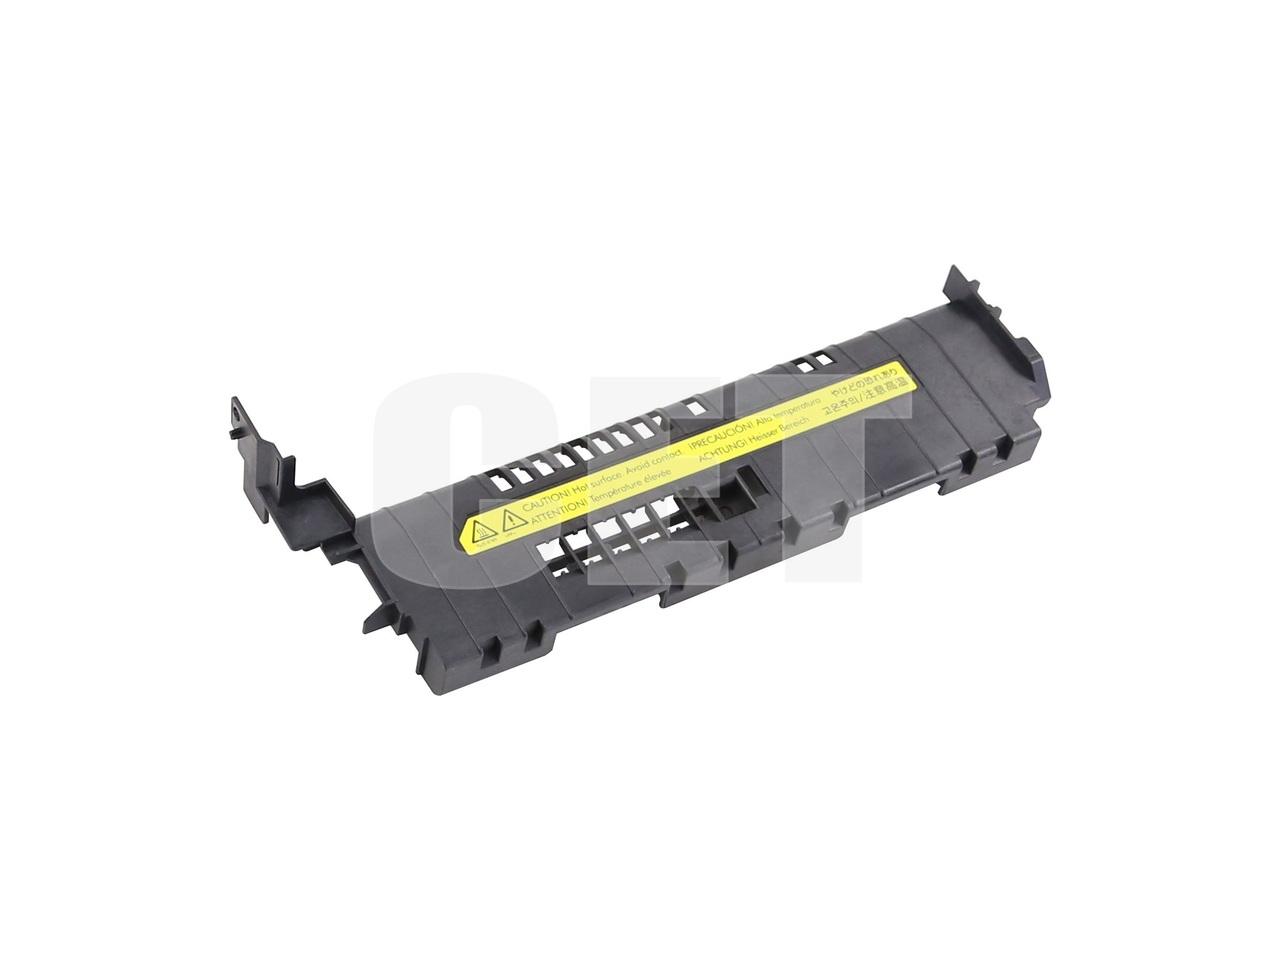 Крышка фьюзера, нижняя RC4-7275-000 для HP LaserJetEnterprise M607dn/608dn/609dn, MFP M631dn/632h (CET),CET371008